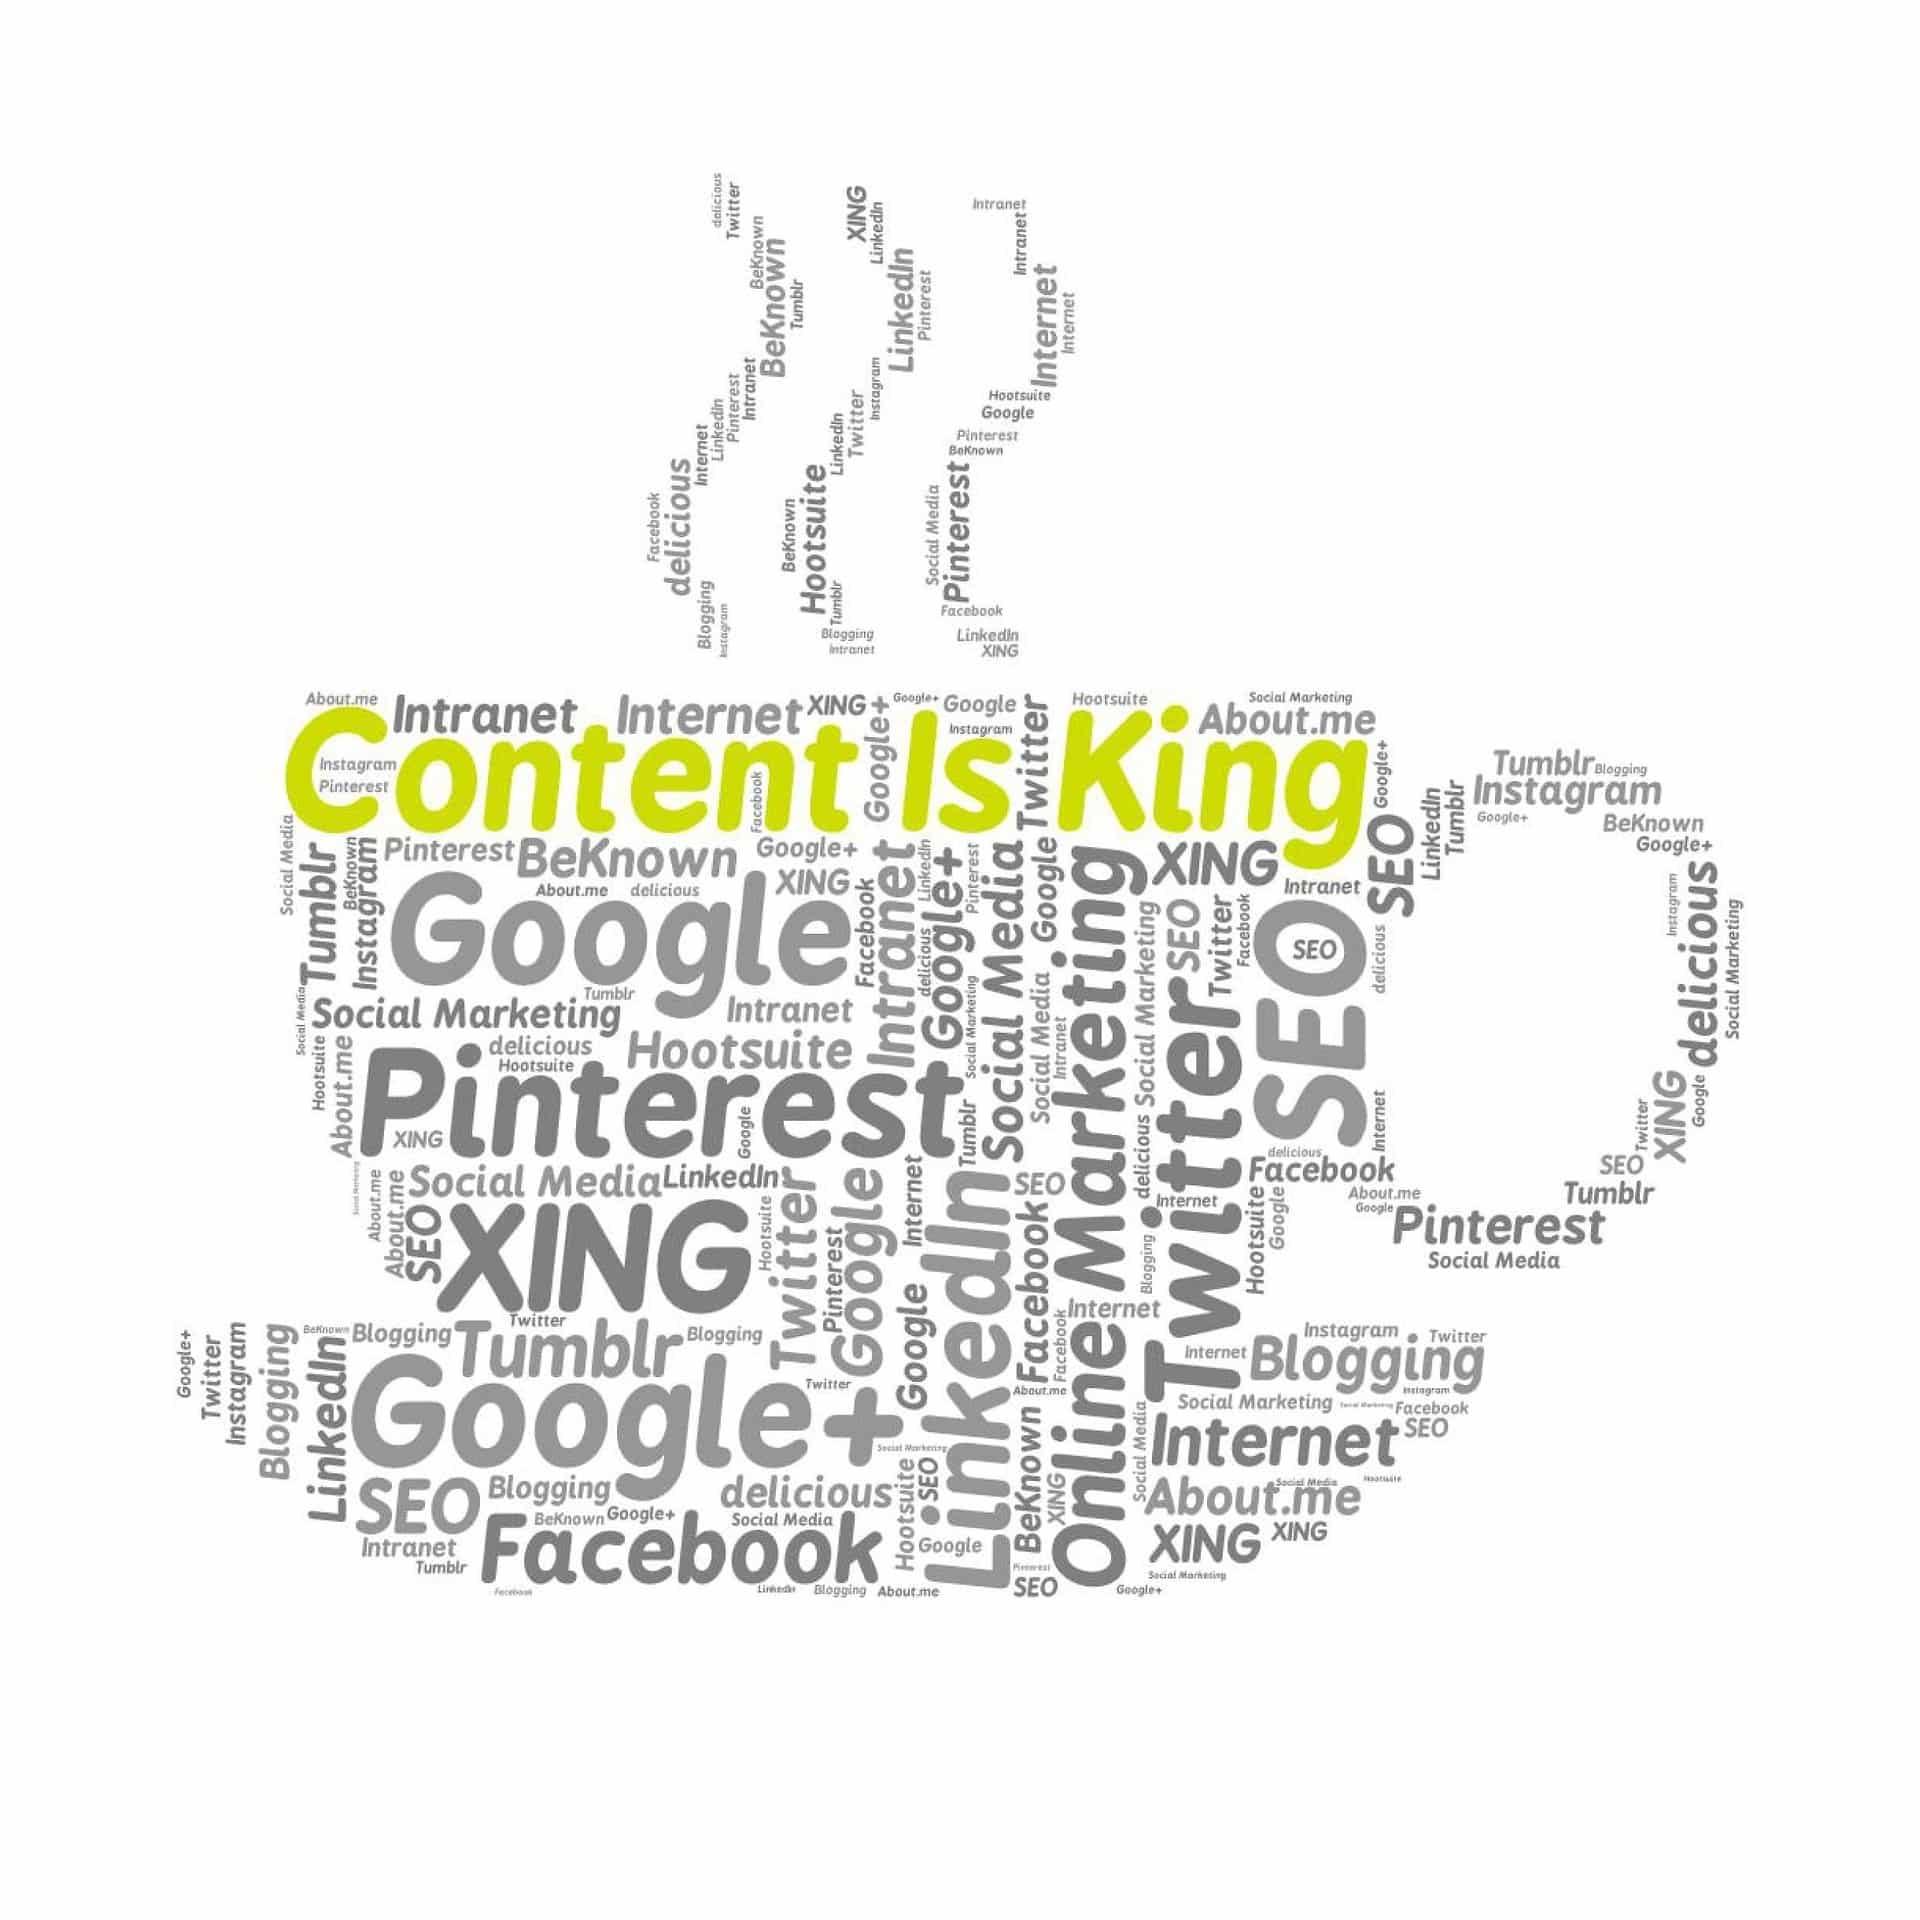 כתיבת תכנים לבלוג, אתרי אינטרנט ופייסבוק